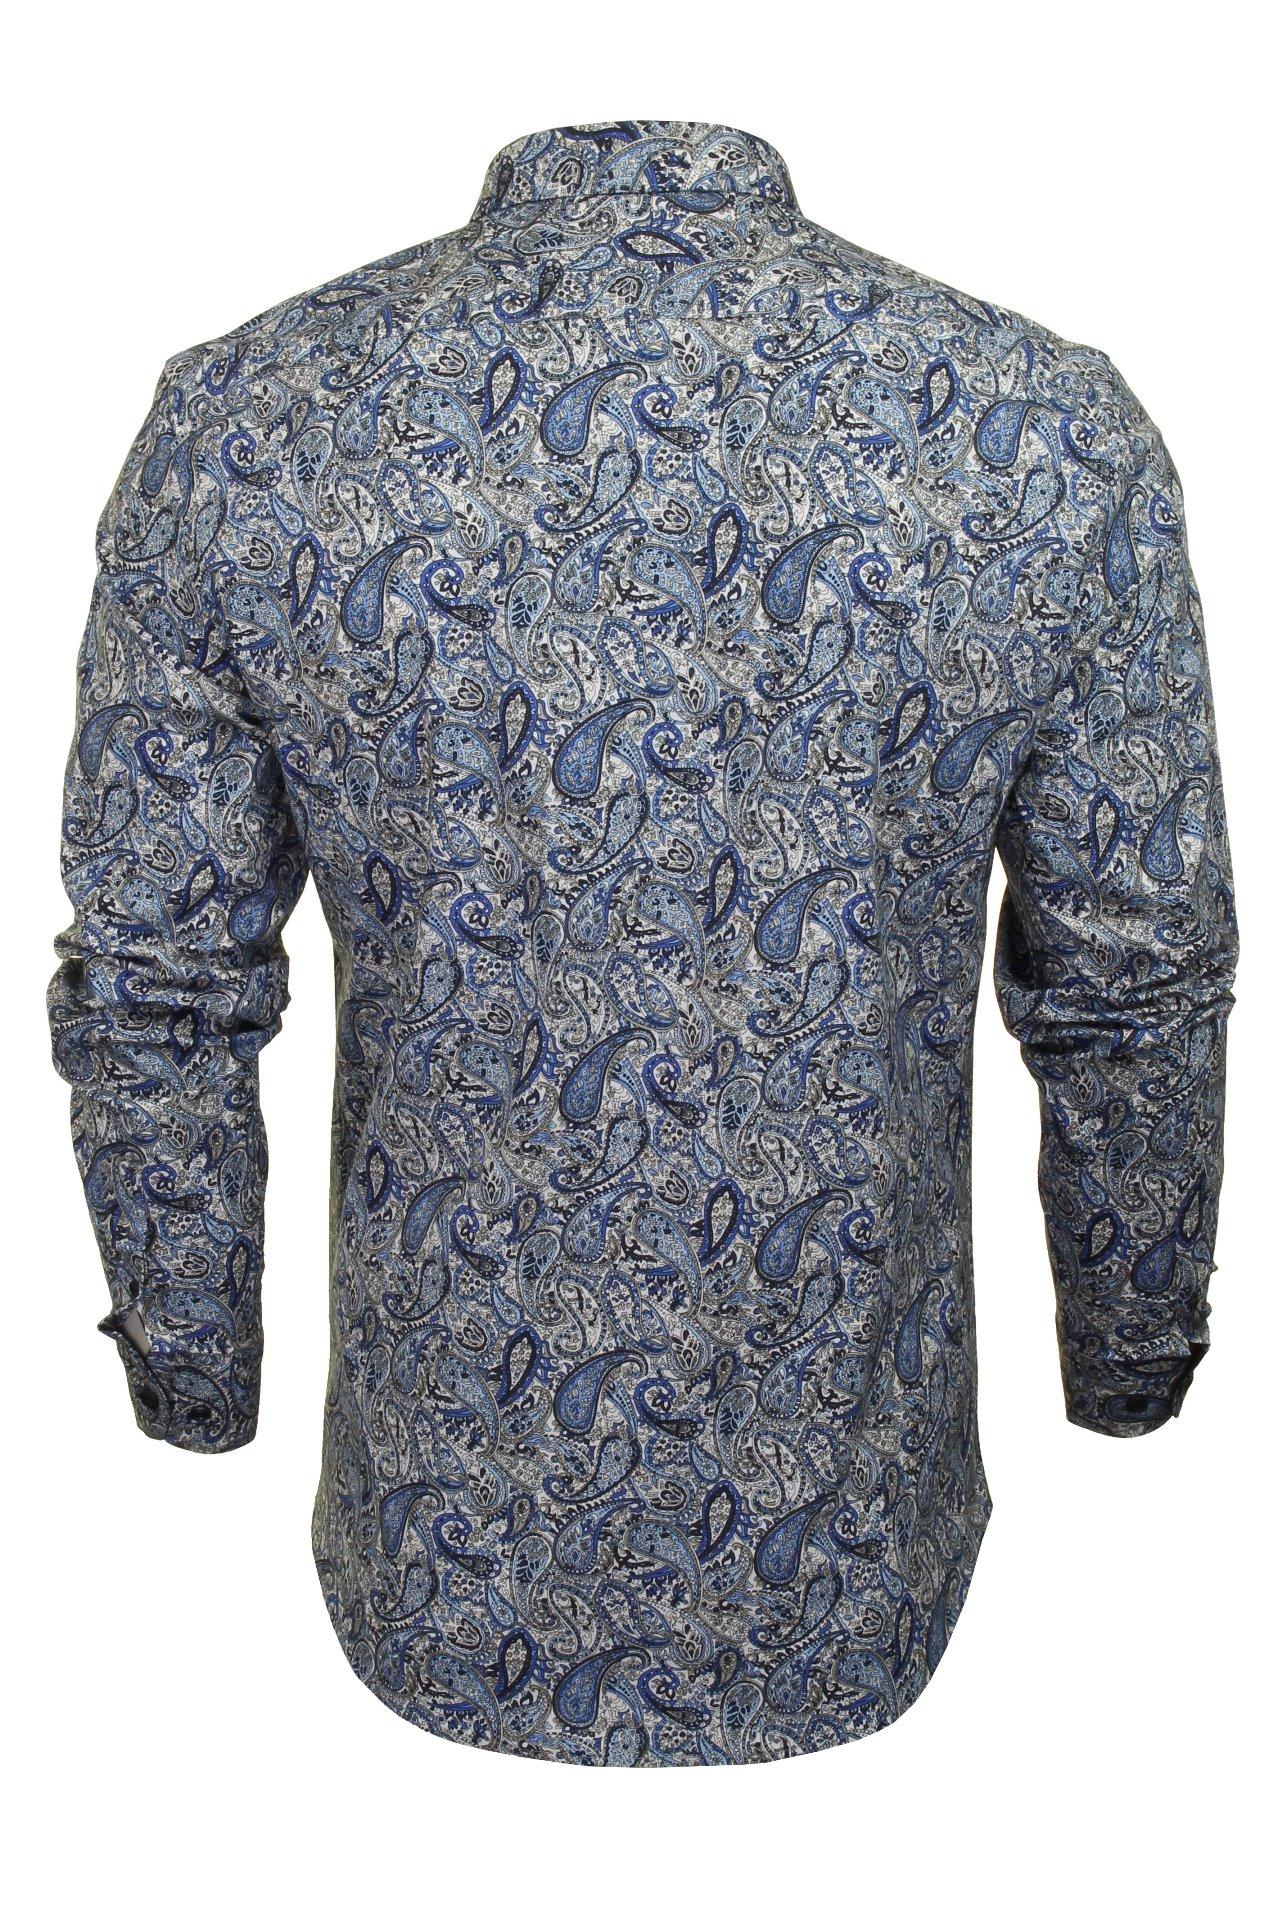 Xact Homme à Manches Longues Paisley Chemise-Slim Fit